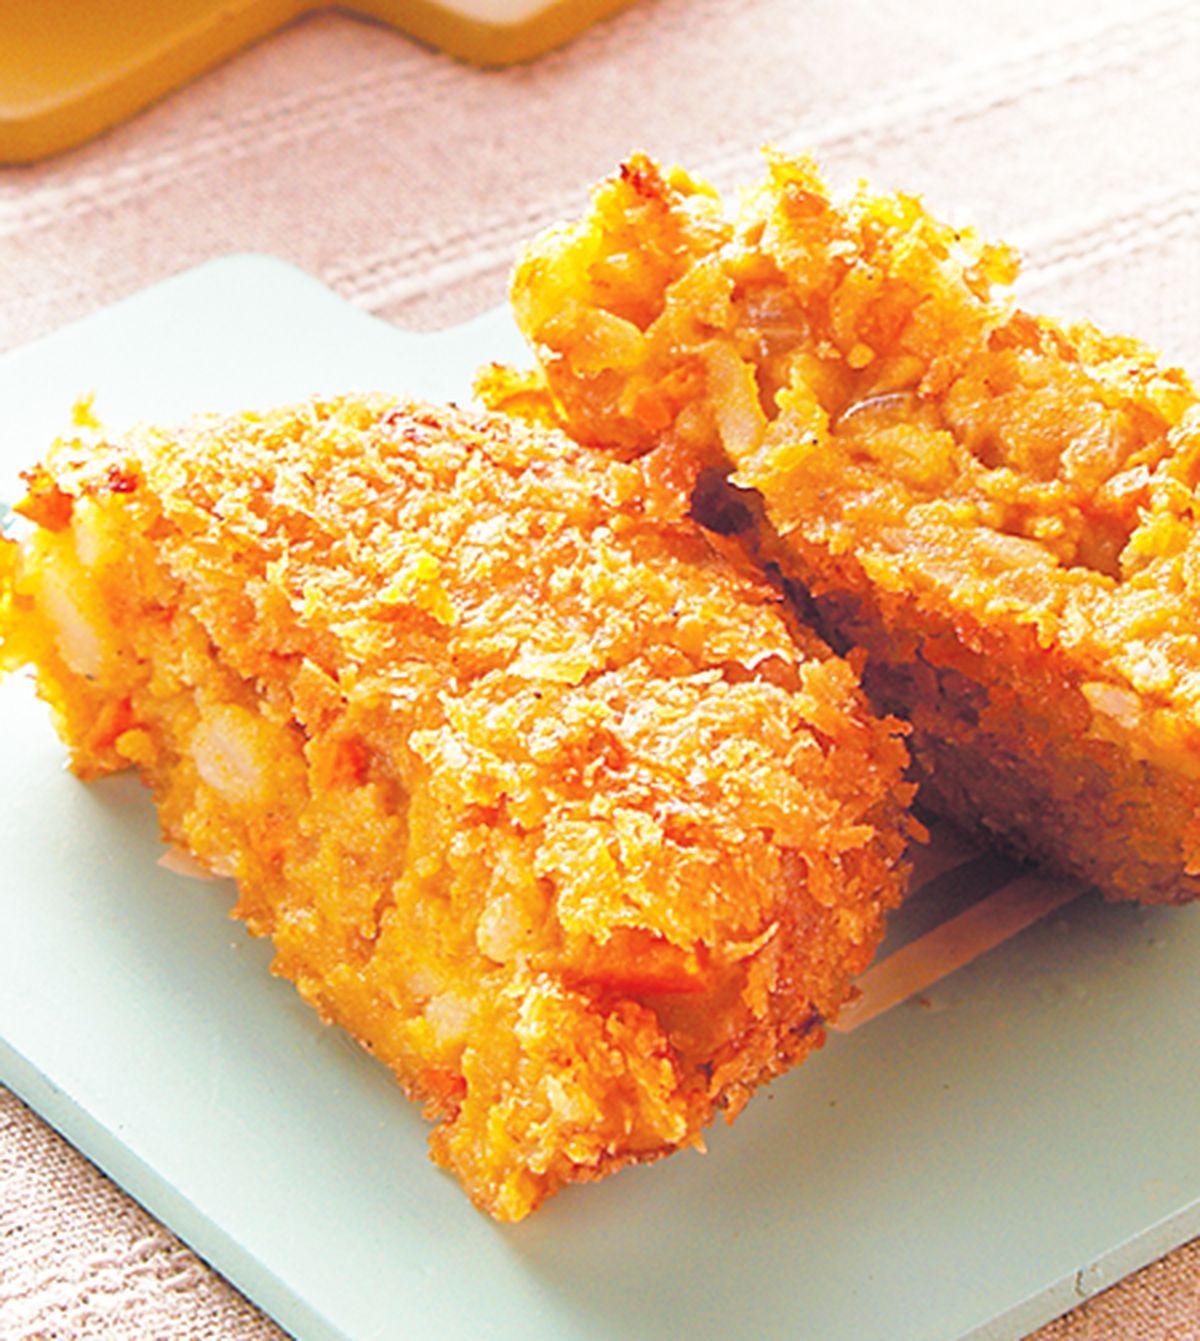 日 式 料理 馬鈴薯 墩 肉 5 馬鈴薯 濃 湯 6 雞肉 ...